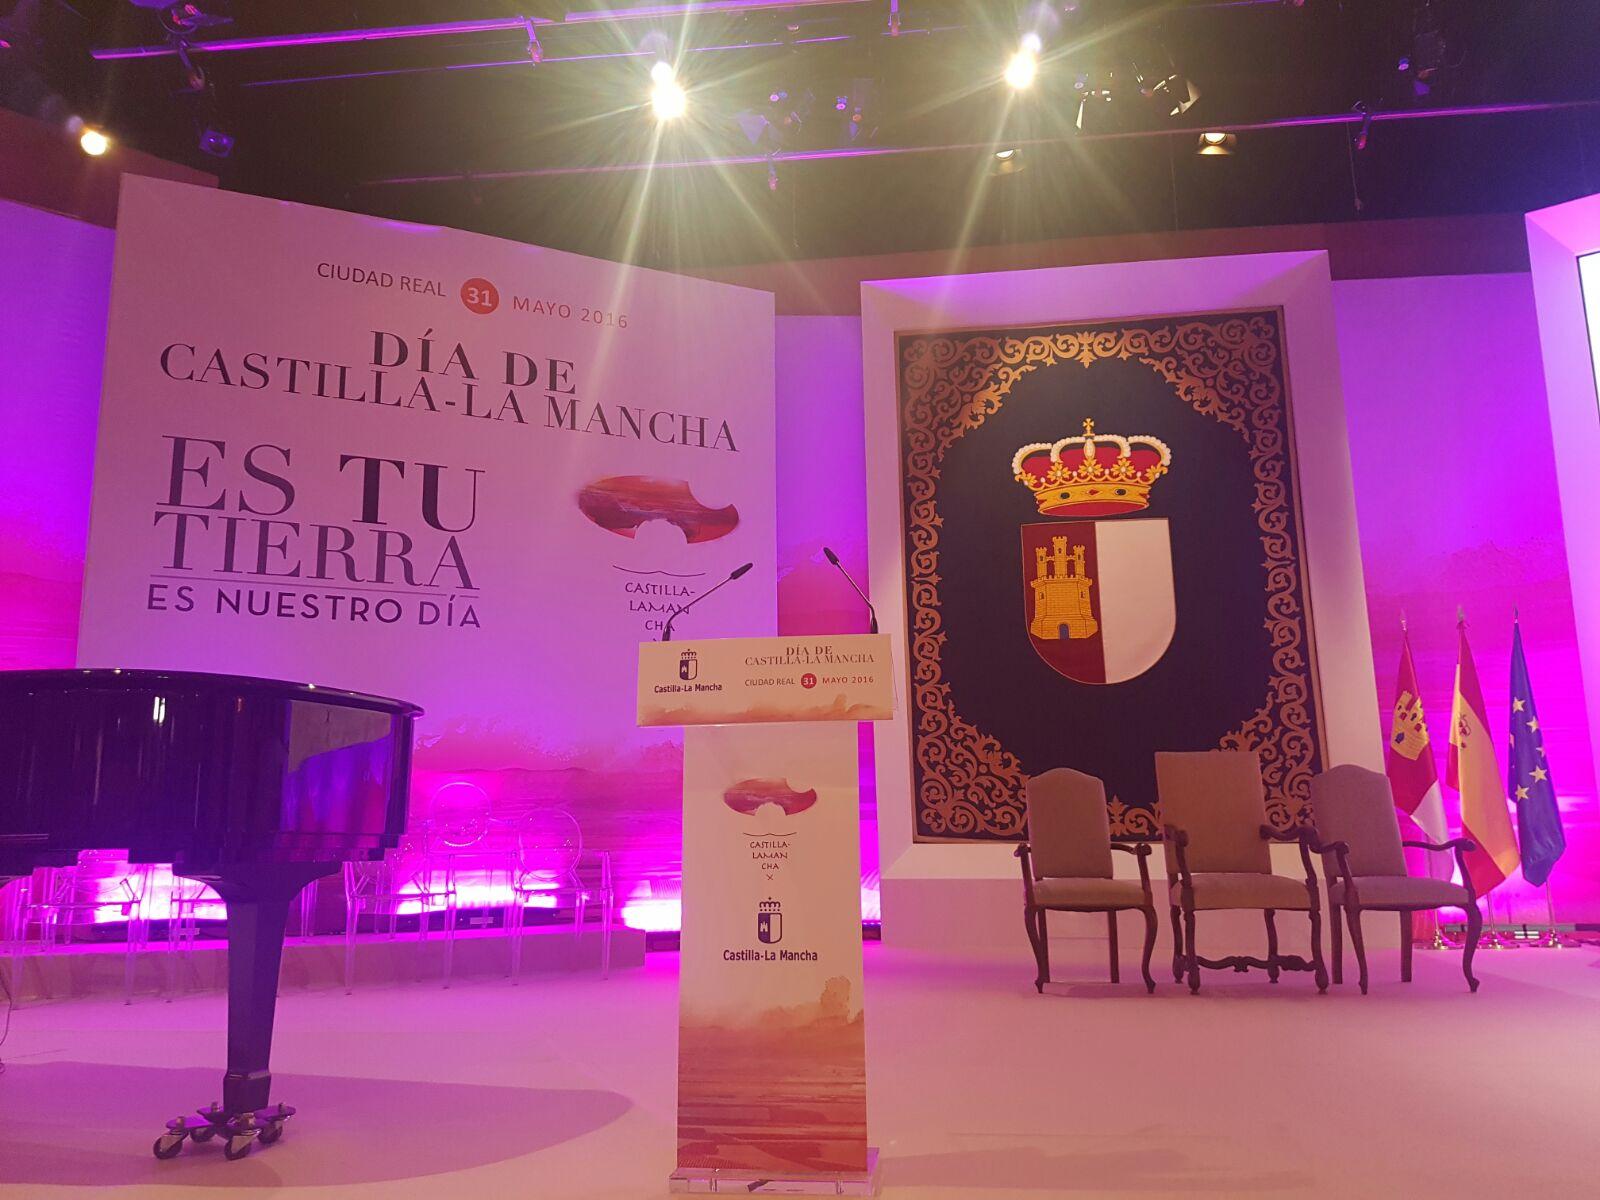 Retransmisión en directo del Acto Institucional del Día de Castilla-La Mancha, desde el Paraninfo 'Luis Arroyo' de la Facultad de Ciencias Sociales de la UCLM (Ciudad Real)